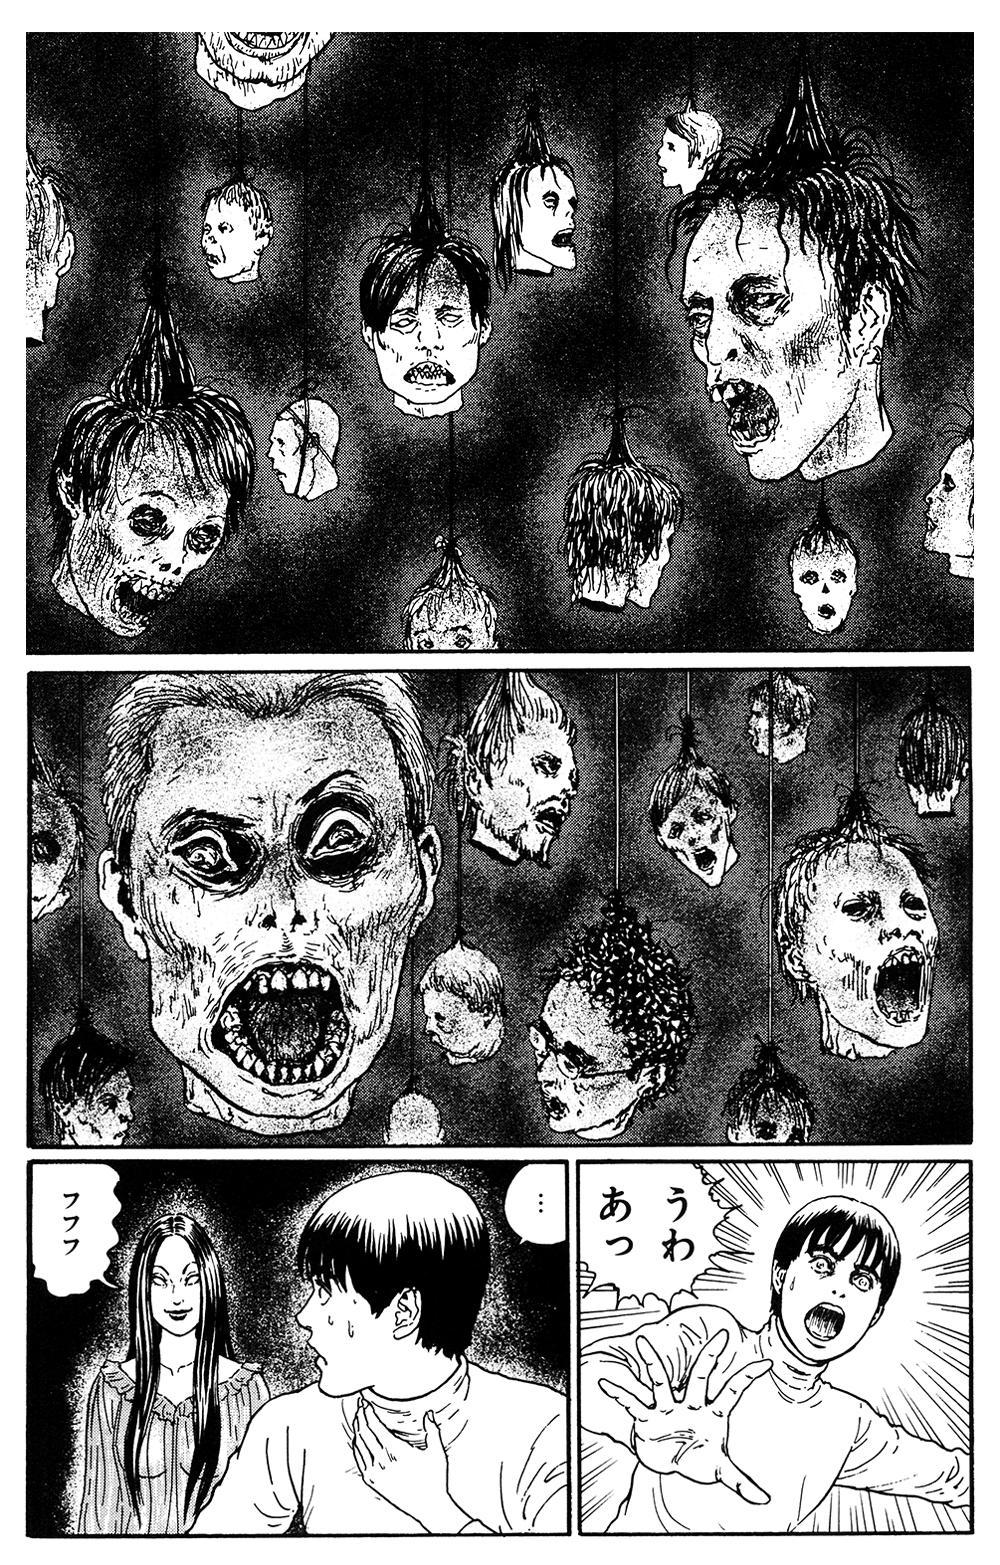 魔の断片 第3話「富夫・赤いハイネック」②jisen06-02.jpg